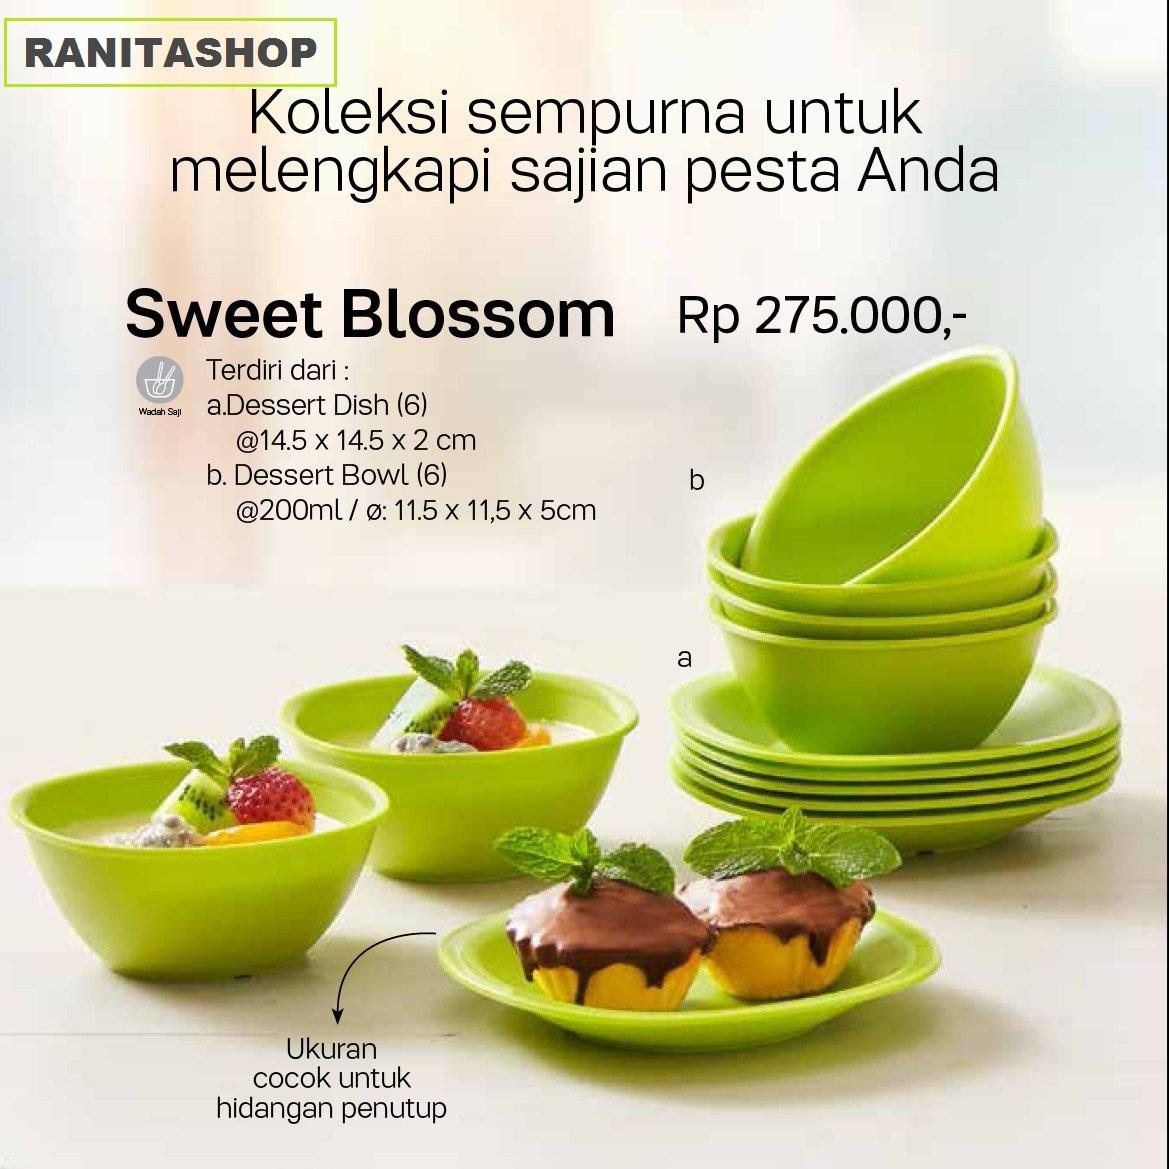 Tupperware Sweet Blossom - Dapat 1 set isi 12pcs - GRATIS ONGKIR seluruh pulau jawa - toko RANITASHOP